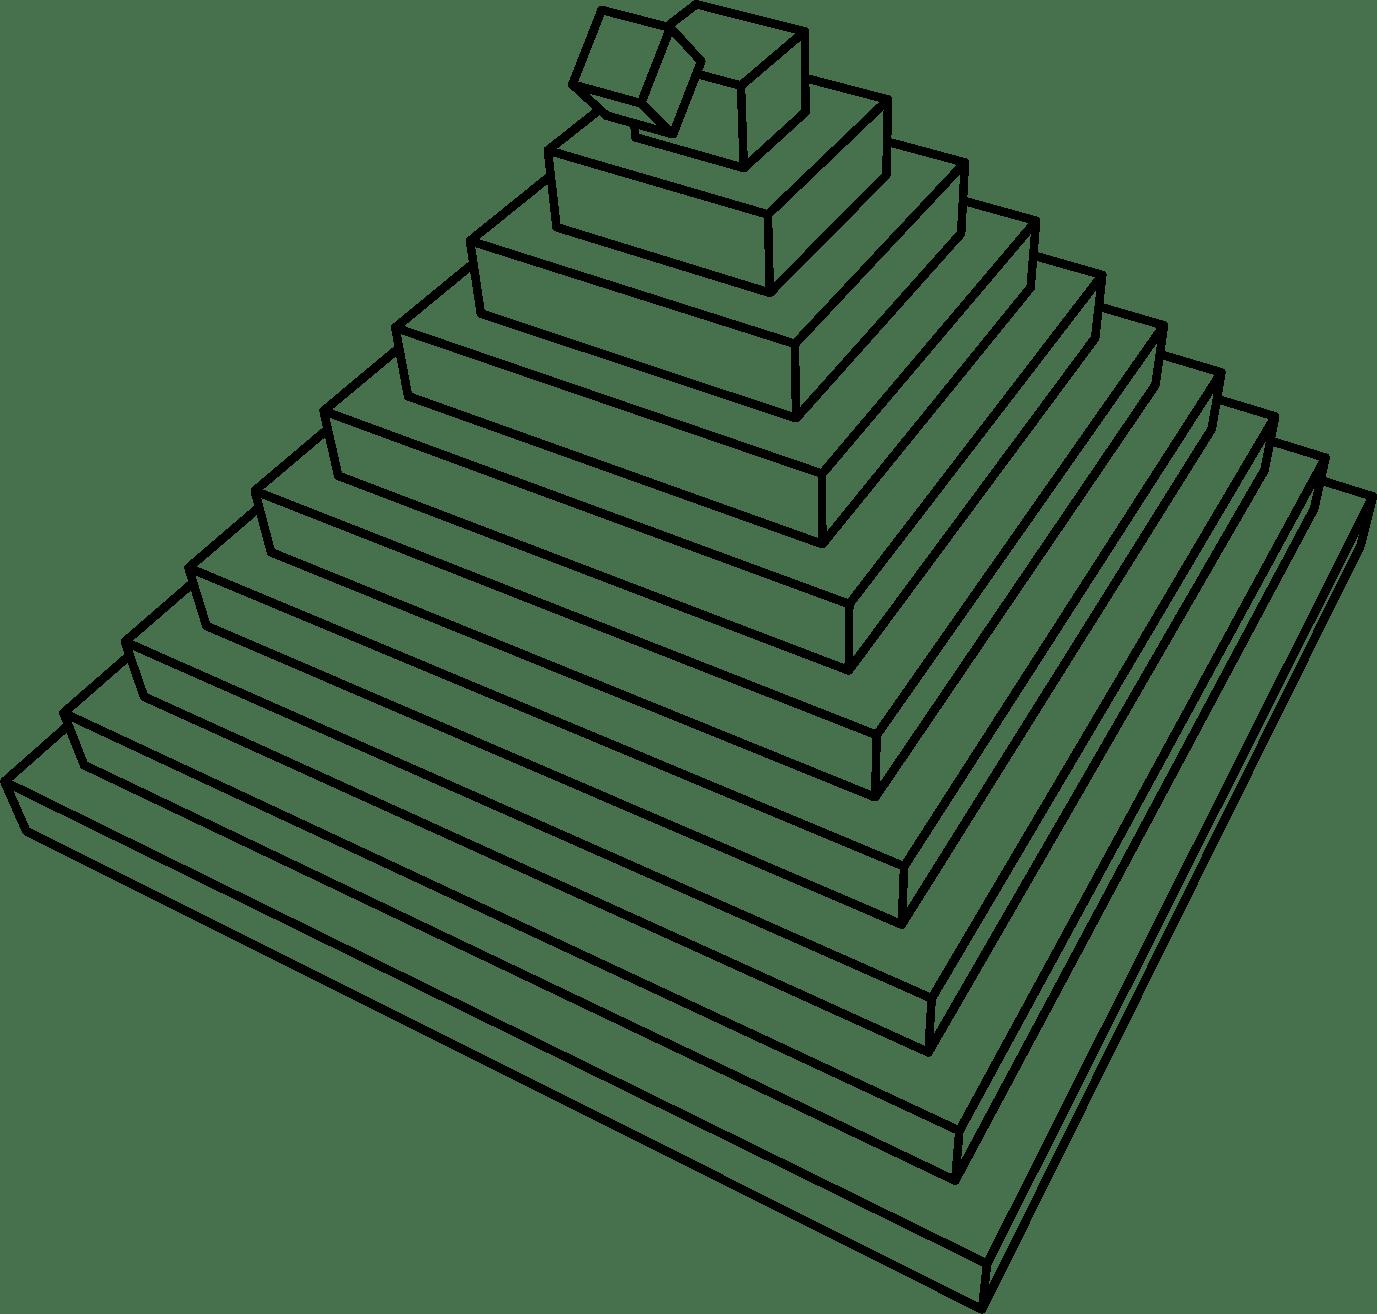 Pattern Clipart Unifix Cube Pattern Unifix Cube